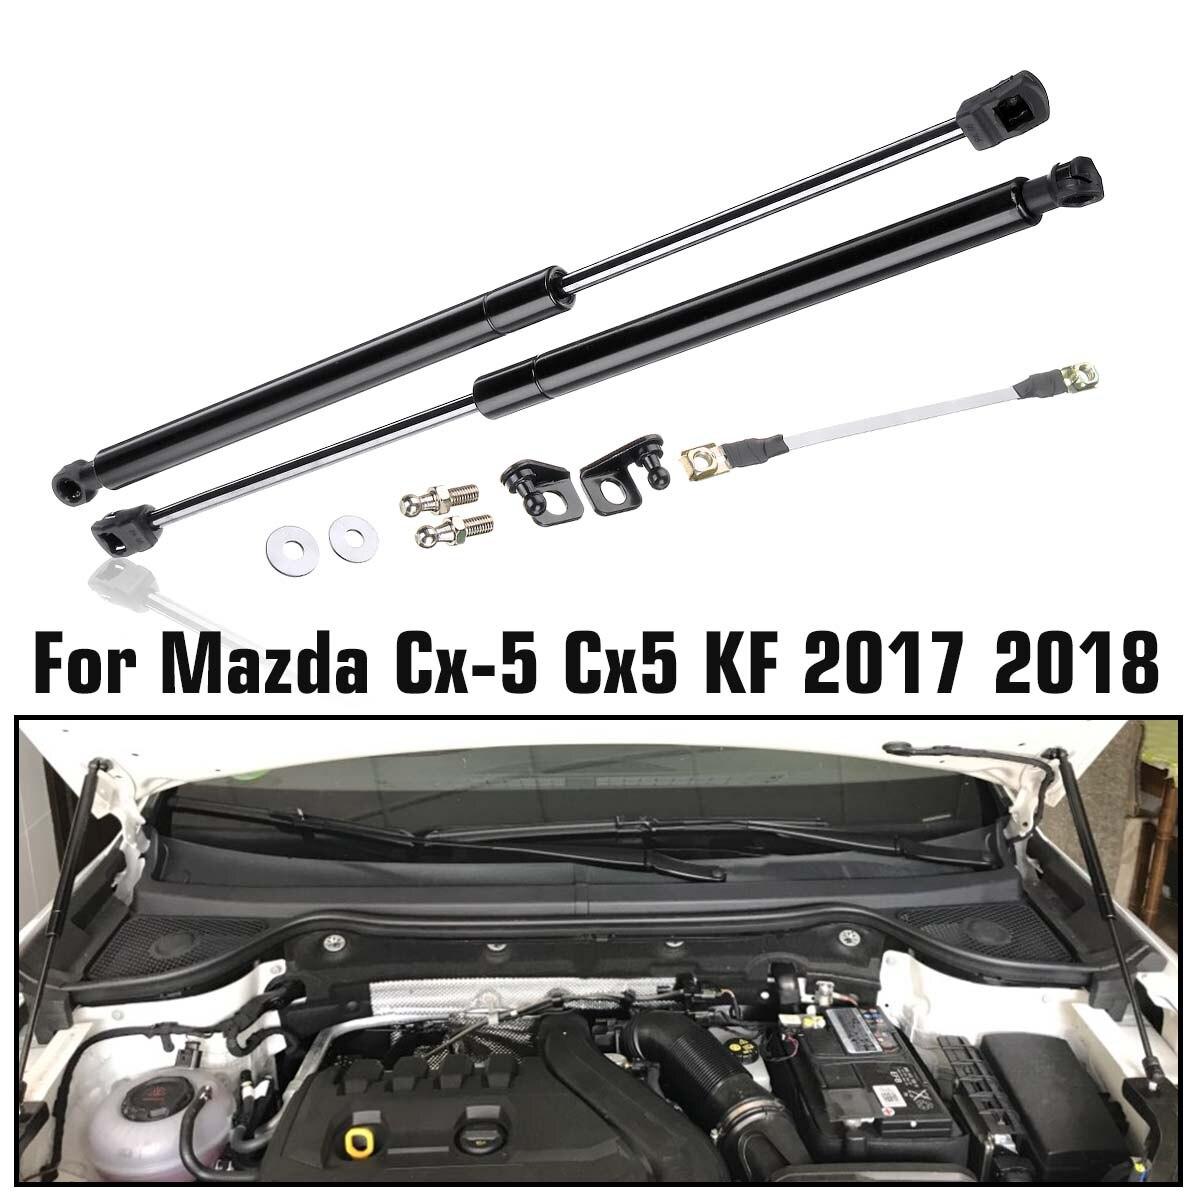 รถเครื่องยนต์รองรับ Struts Rod ด้านหน้า Bonnet Hood Lift ไฮดรอลิก Rod Strut Shock Bar สำหรับ MAZDA CX5 CX-5 2017 2018